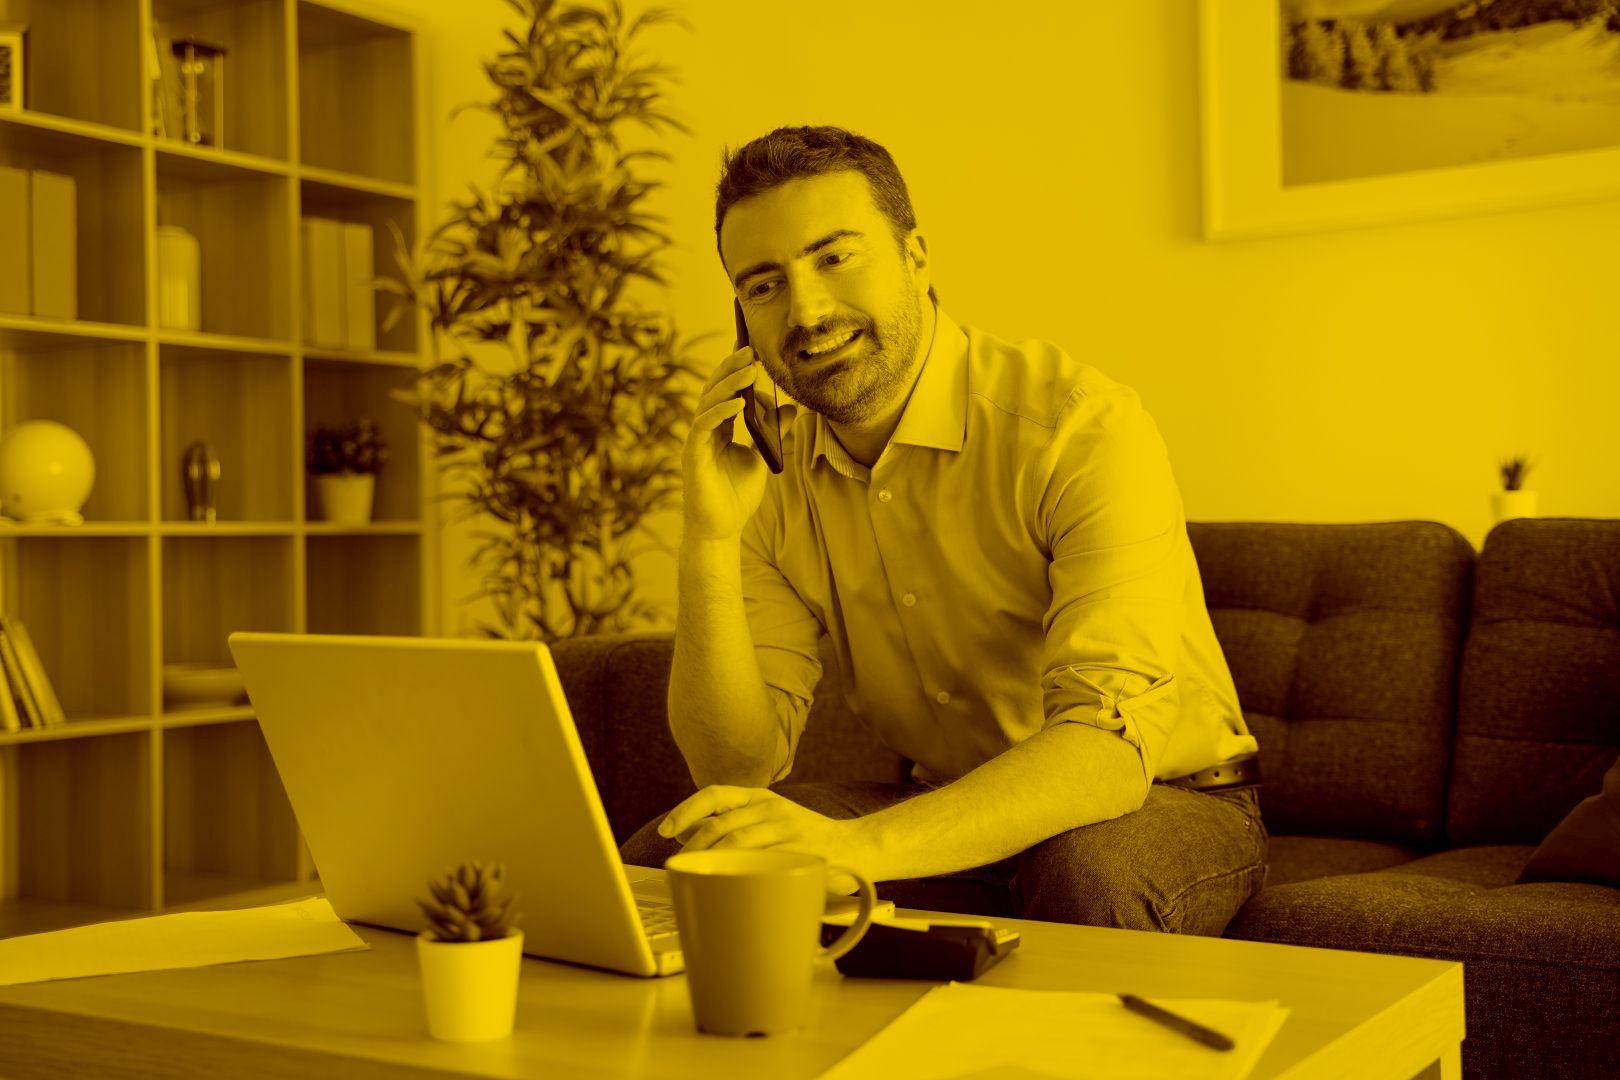 Fahrschullehrer arbeitet am Laptop mit dem Fahrschulmanager in der maja.cloud